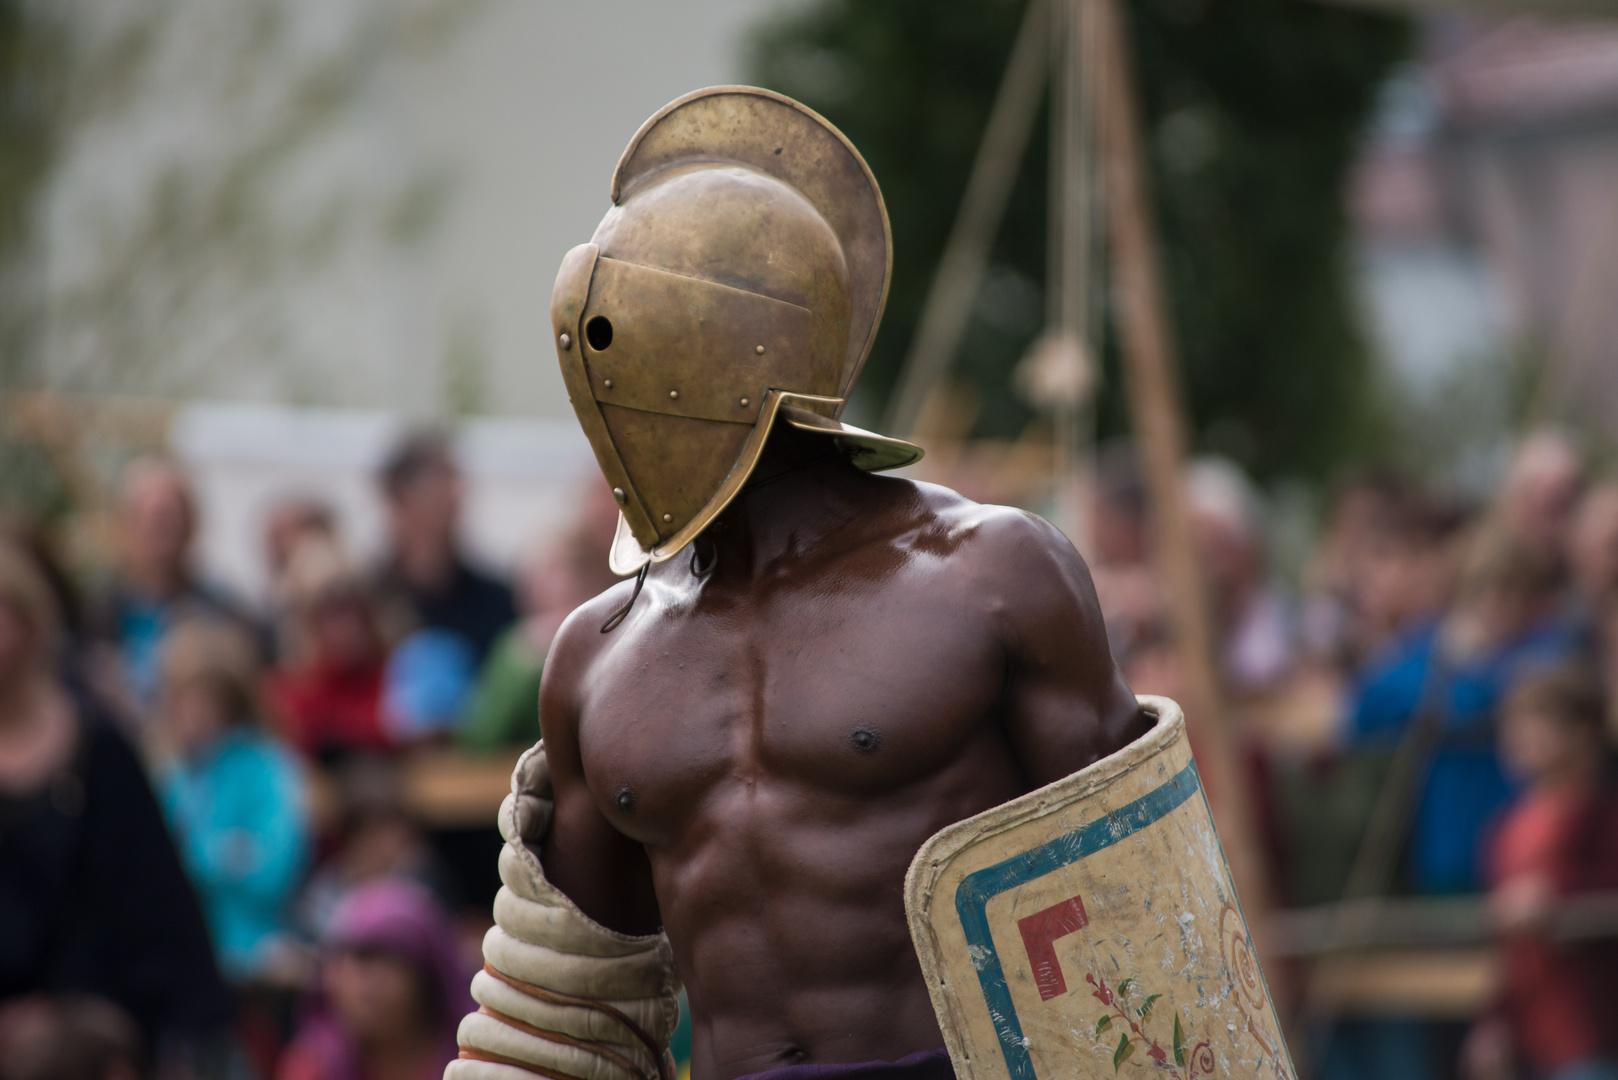 Gladiatorenkampf No.1